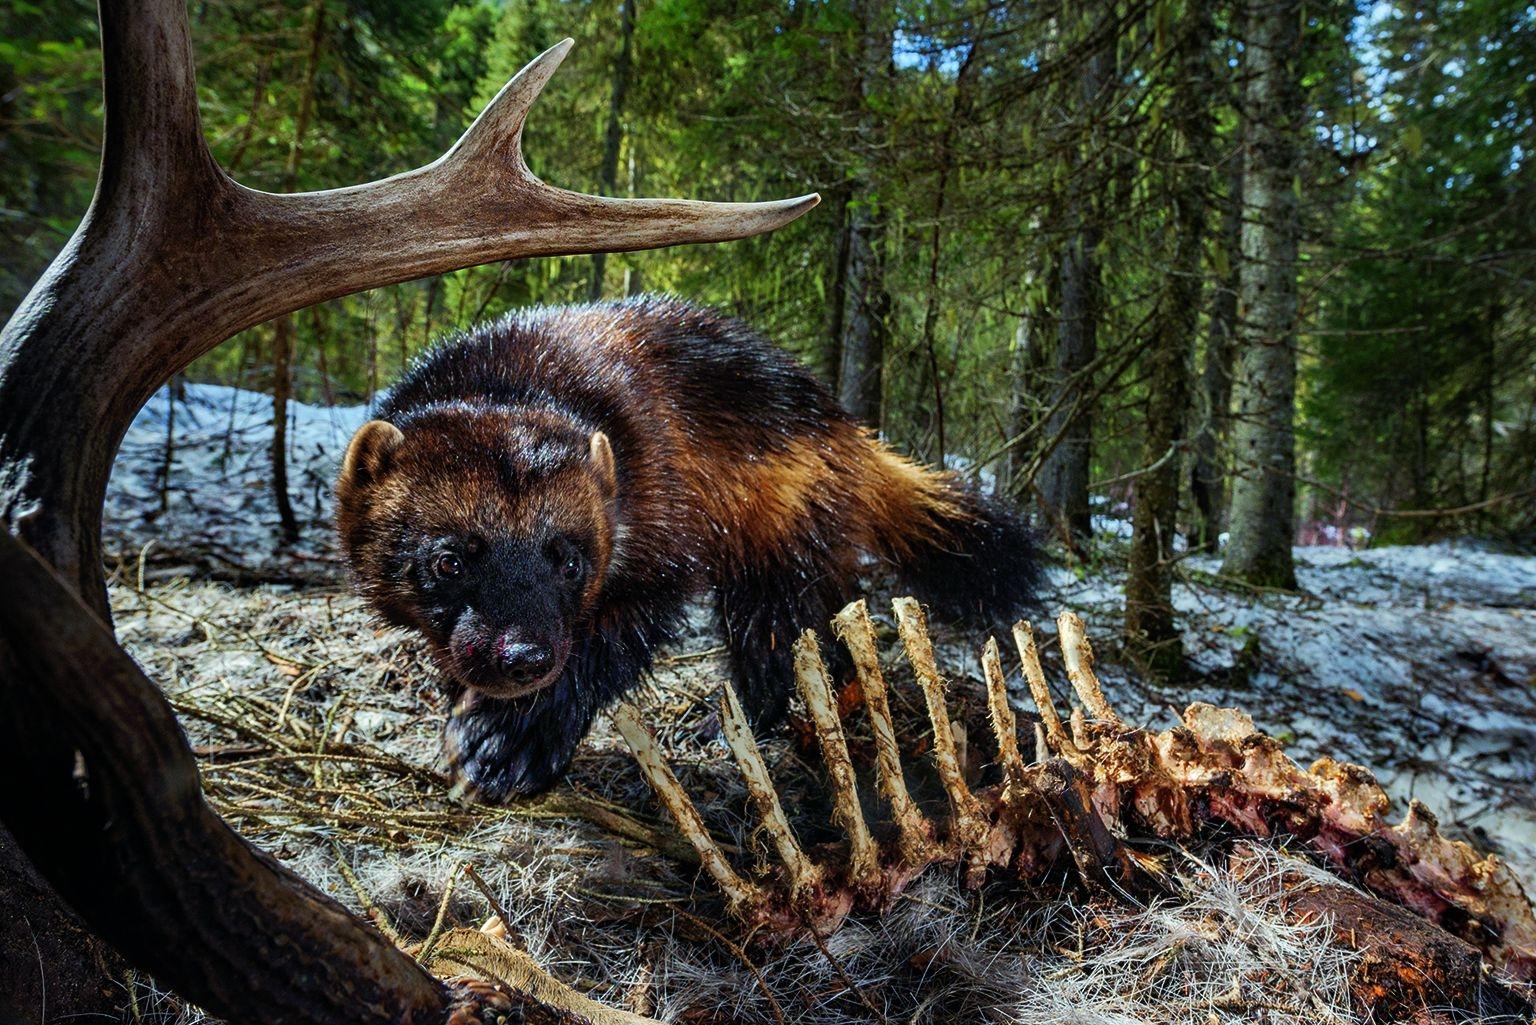 蒙大拿天鵝谷的一隻狼獾,在享用鹿屍時觸發了自動相機,全部感官都處於警戒狀態。這些行蹤隱密的掠食動物生來就是為了在天寒地凍的北地生存。牠們能適應不斷暖化的世界嗎?WITH ASSISTANCE FROM SWAN VALLEY CONNECTIONS